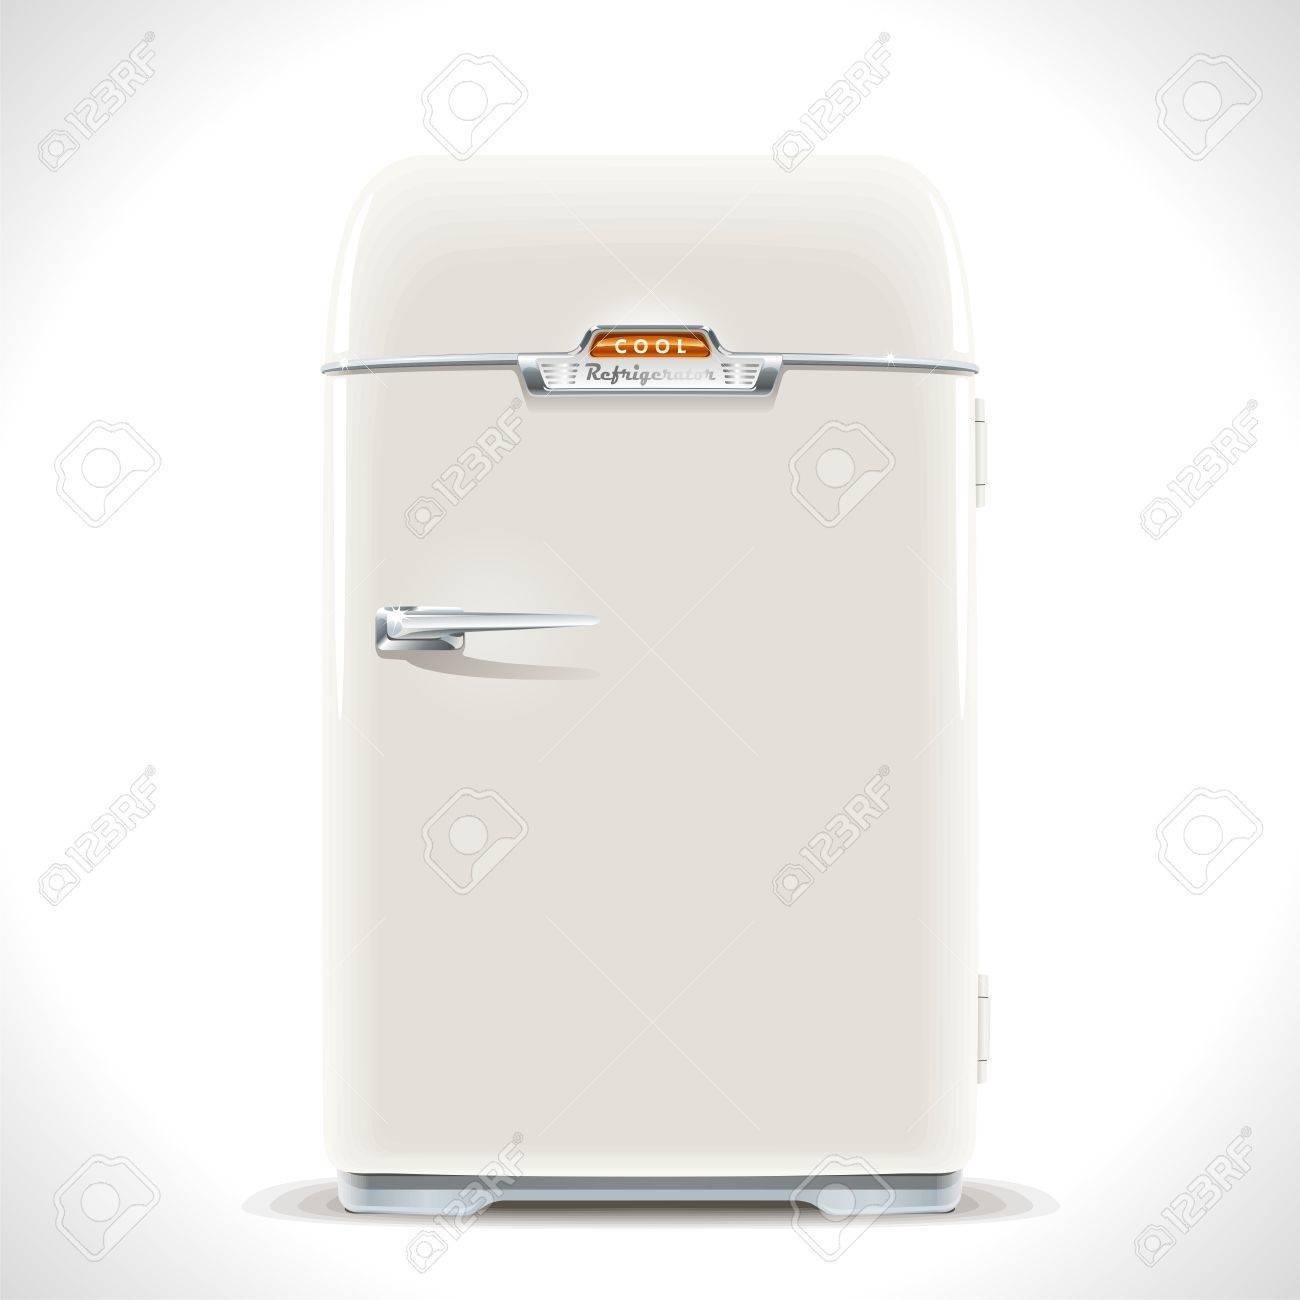 Old Kühlschrank Realistische Darstellung Eines Alten Vintage ...